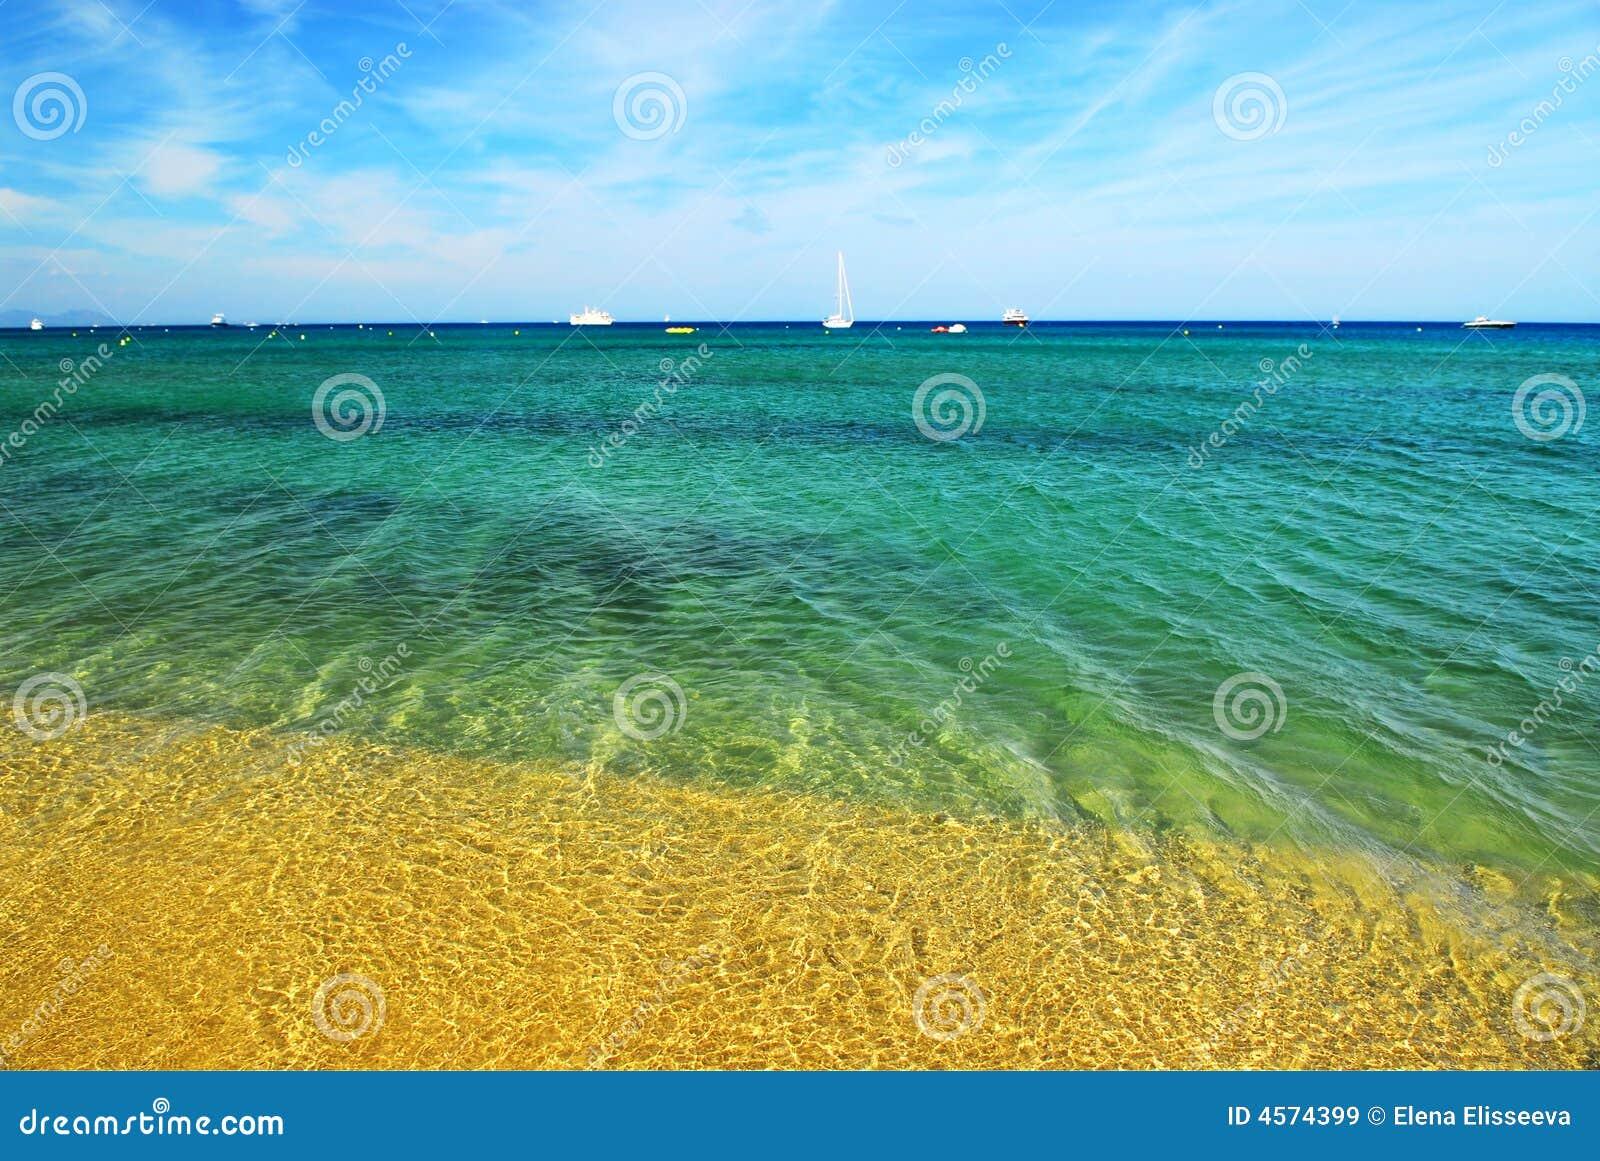 地中海图片